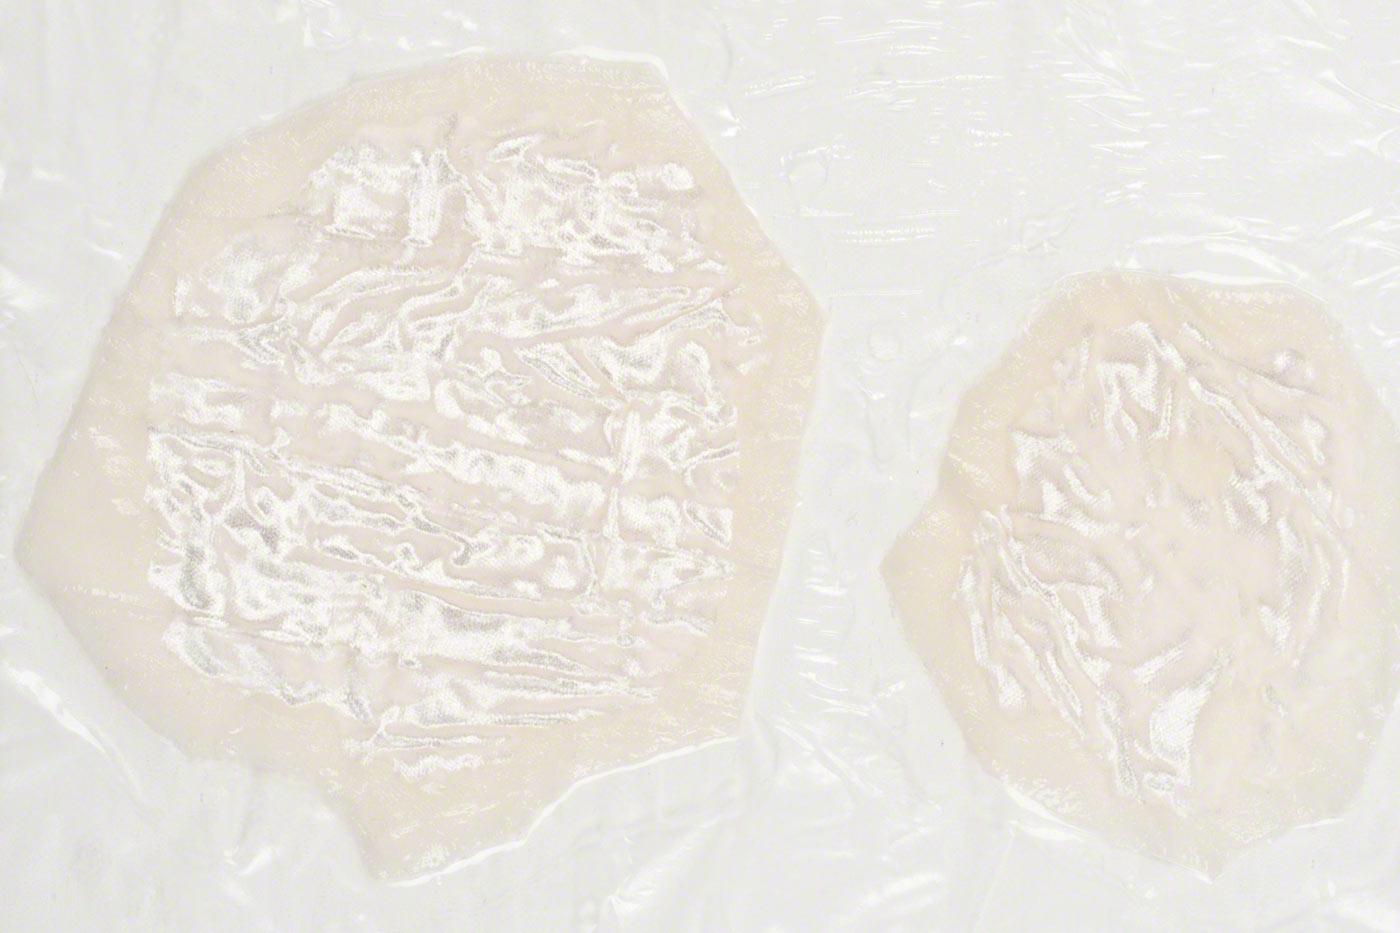 Deux cellules en velours froissé reliées à un film plastique avec de la résine souple